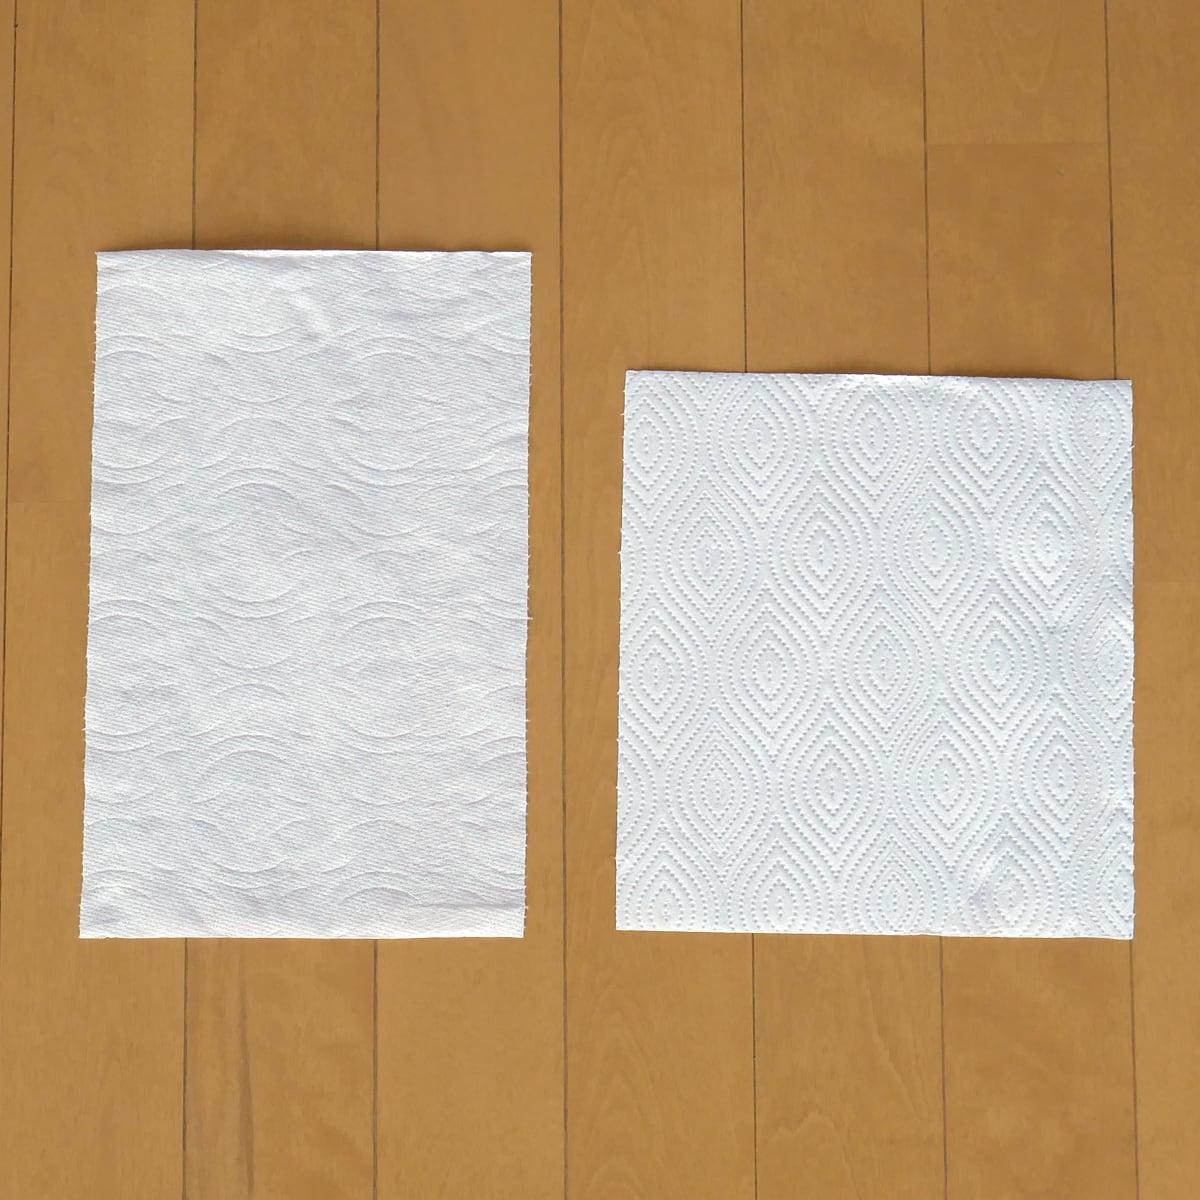 カークランドシグネチャー プレミアムタオル(コストコのキッチンペーパー) 日本のキッチンペーパーとの比較(1枚)